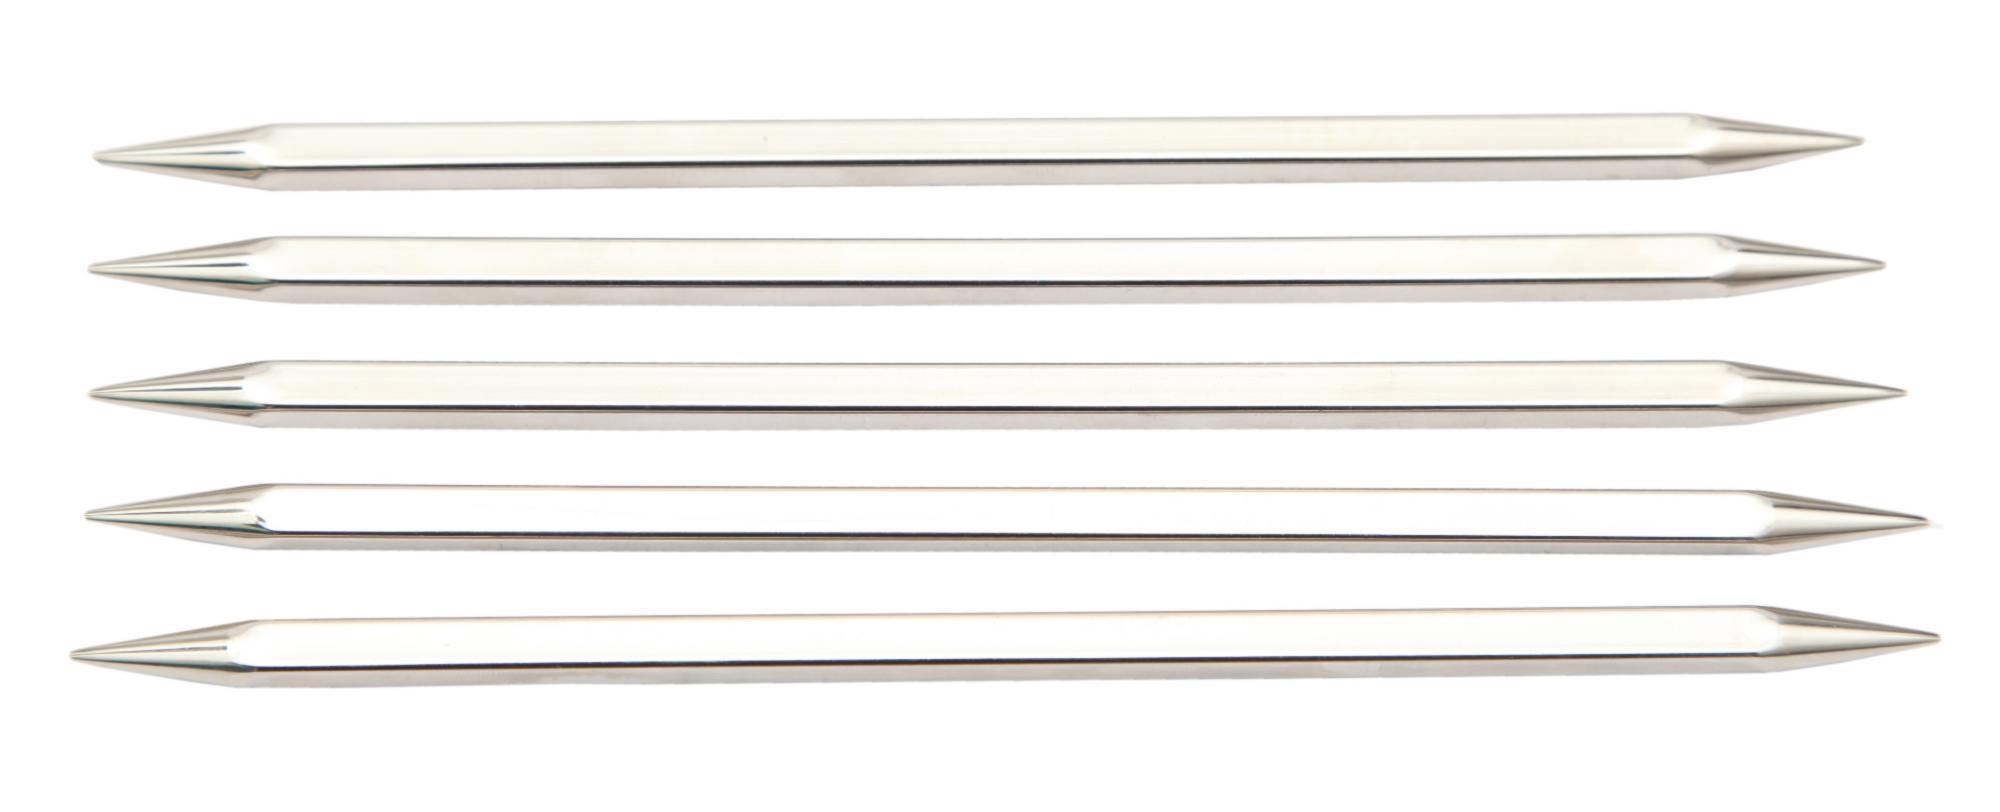 Спицы носочные 15 см Nova Cubics KnitPro, 12111, 5.00 мм